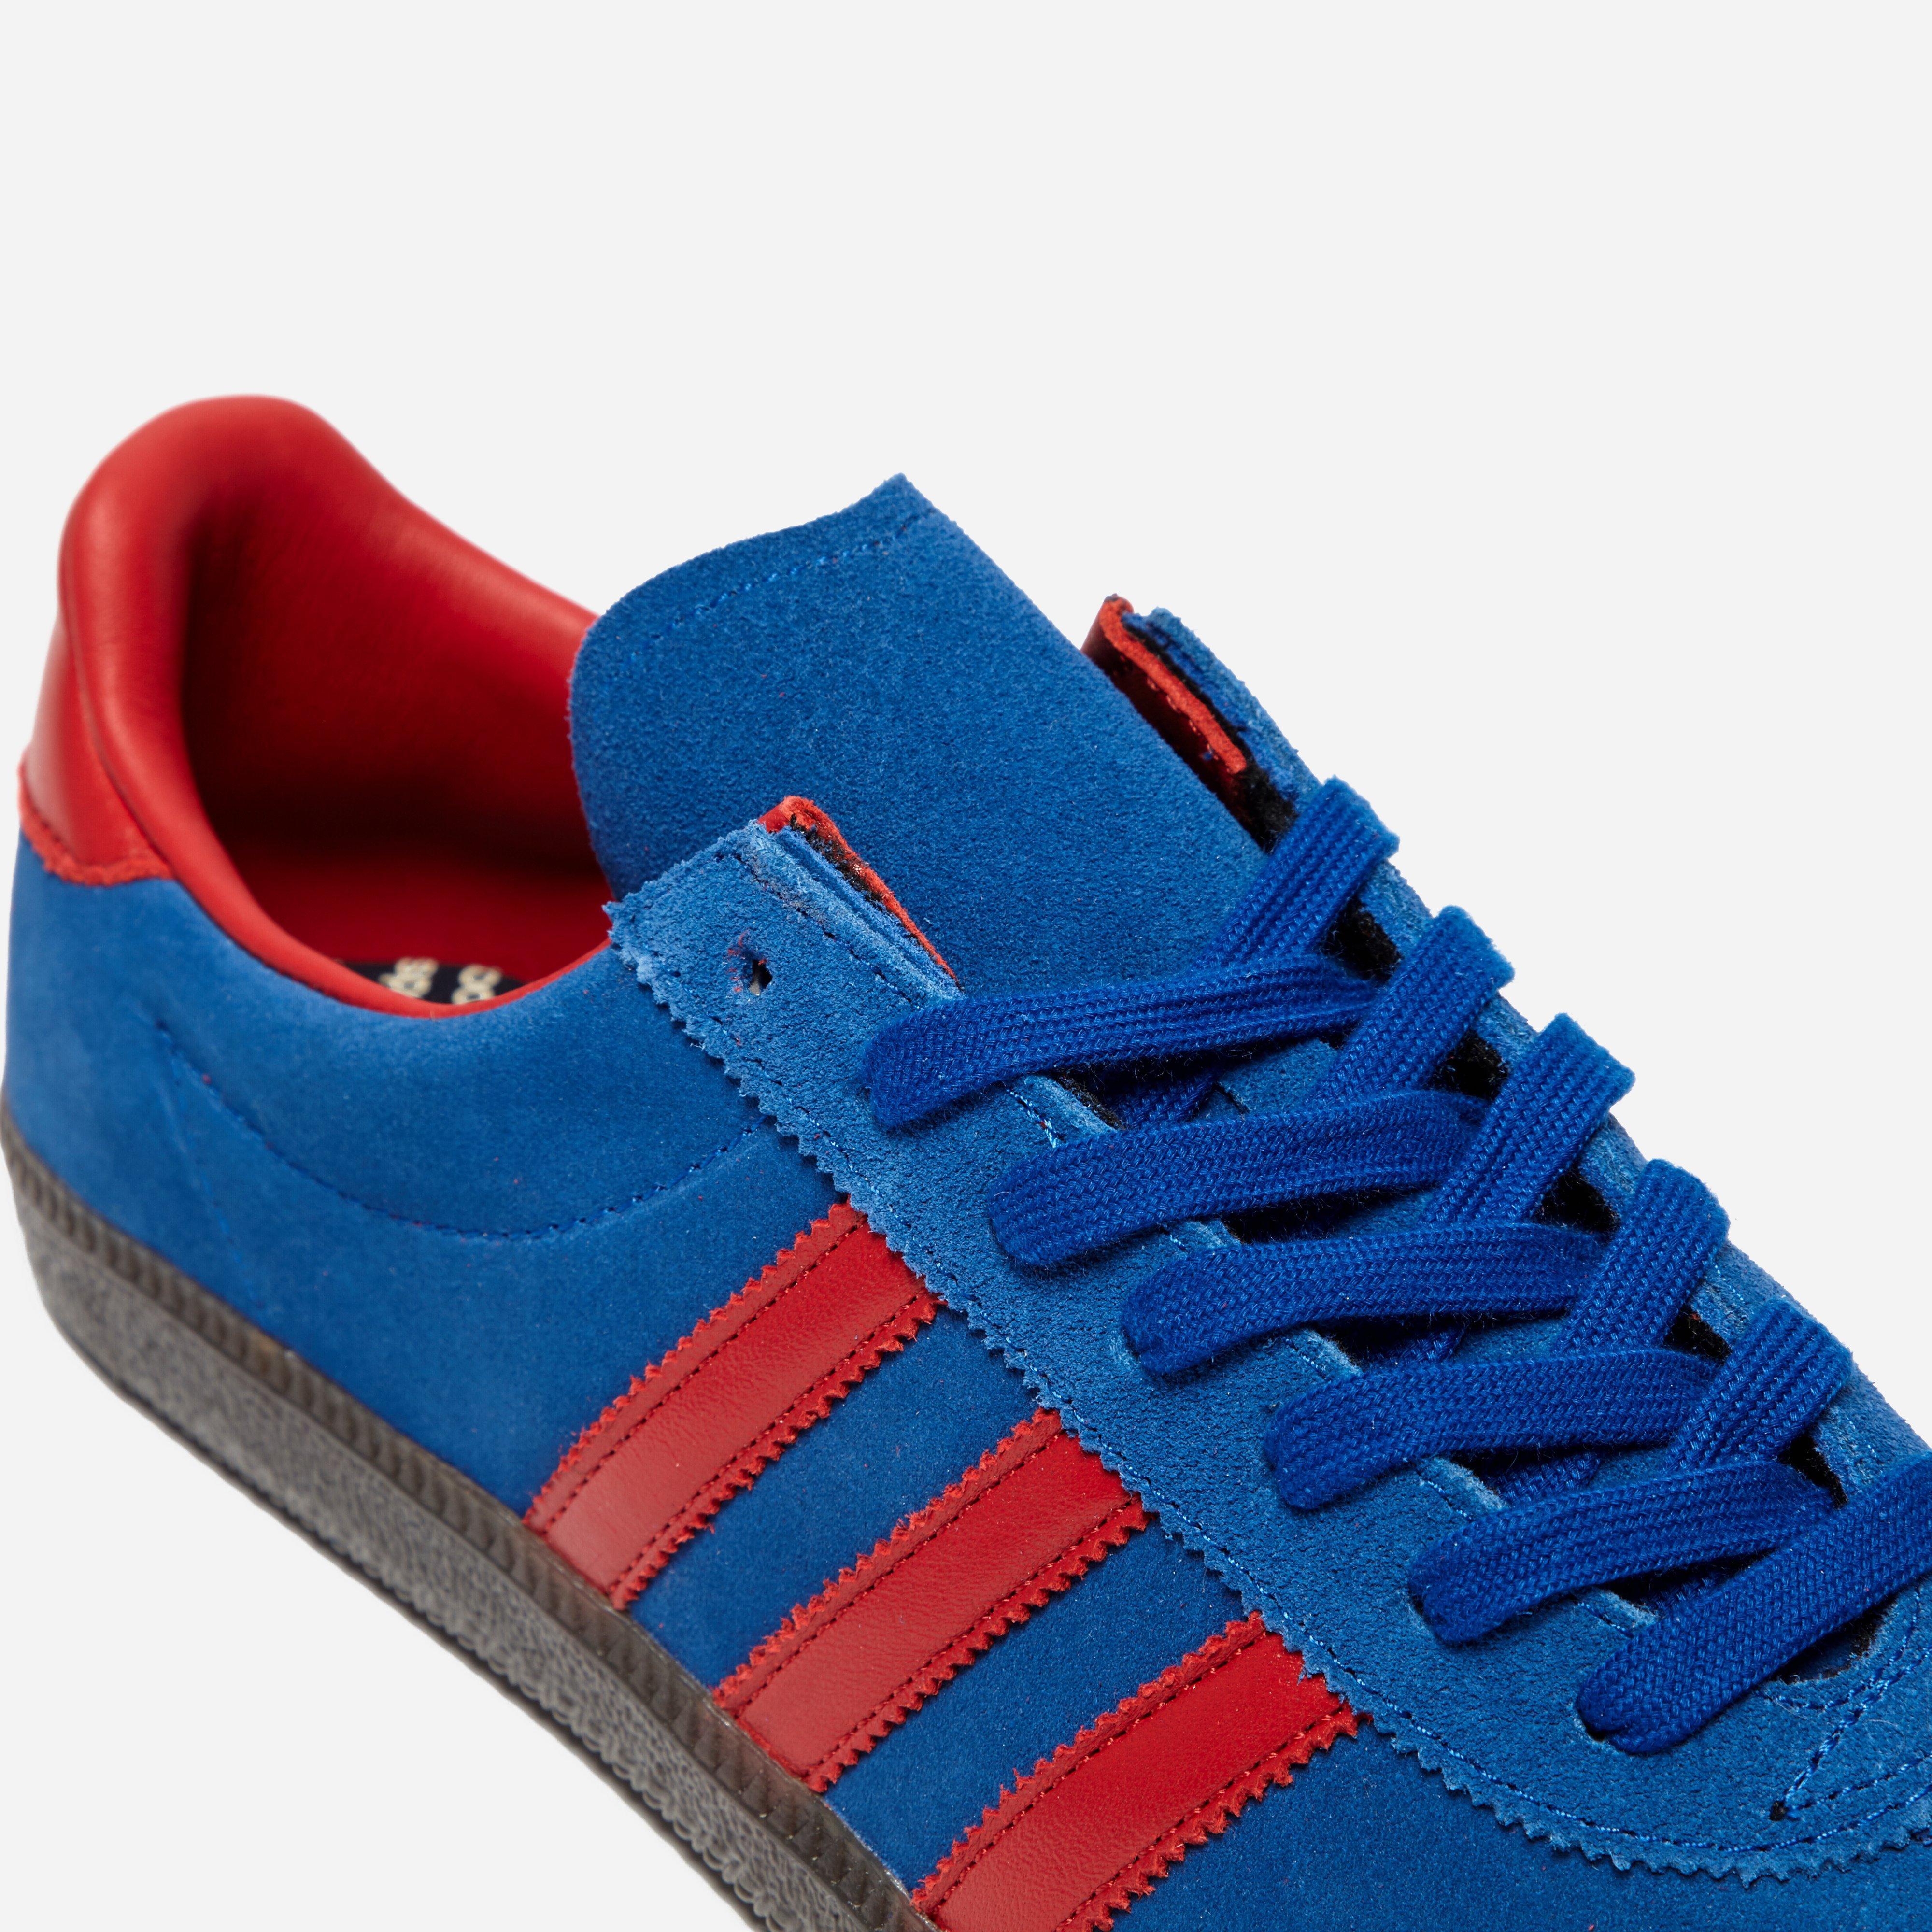 newest 324ab faa29 Lyst - adidas Originals Adidas Originals Spiritus Spzl in Bl